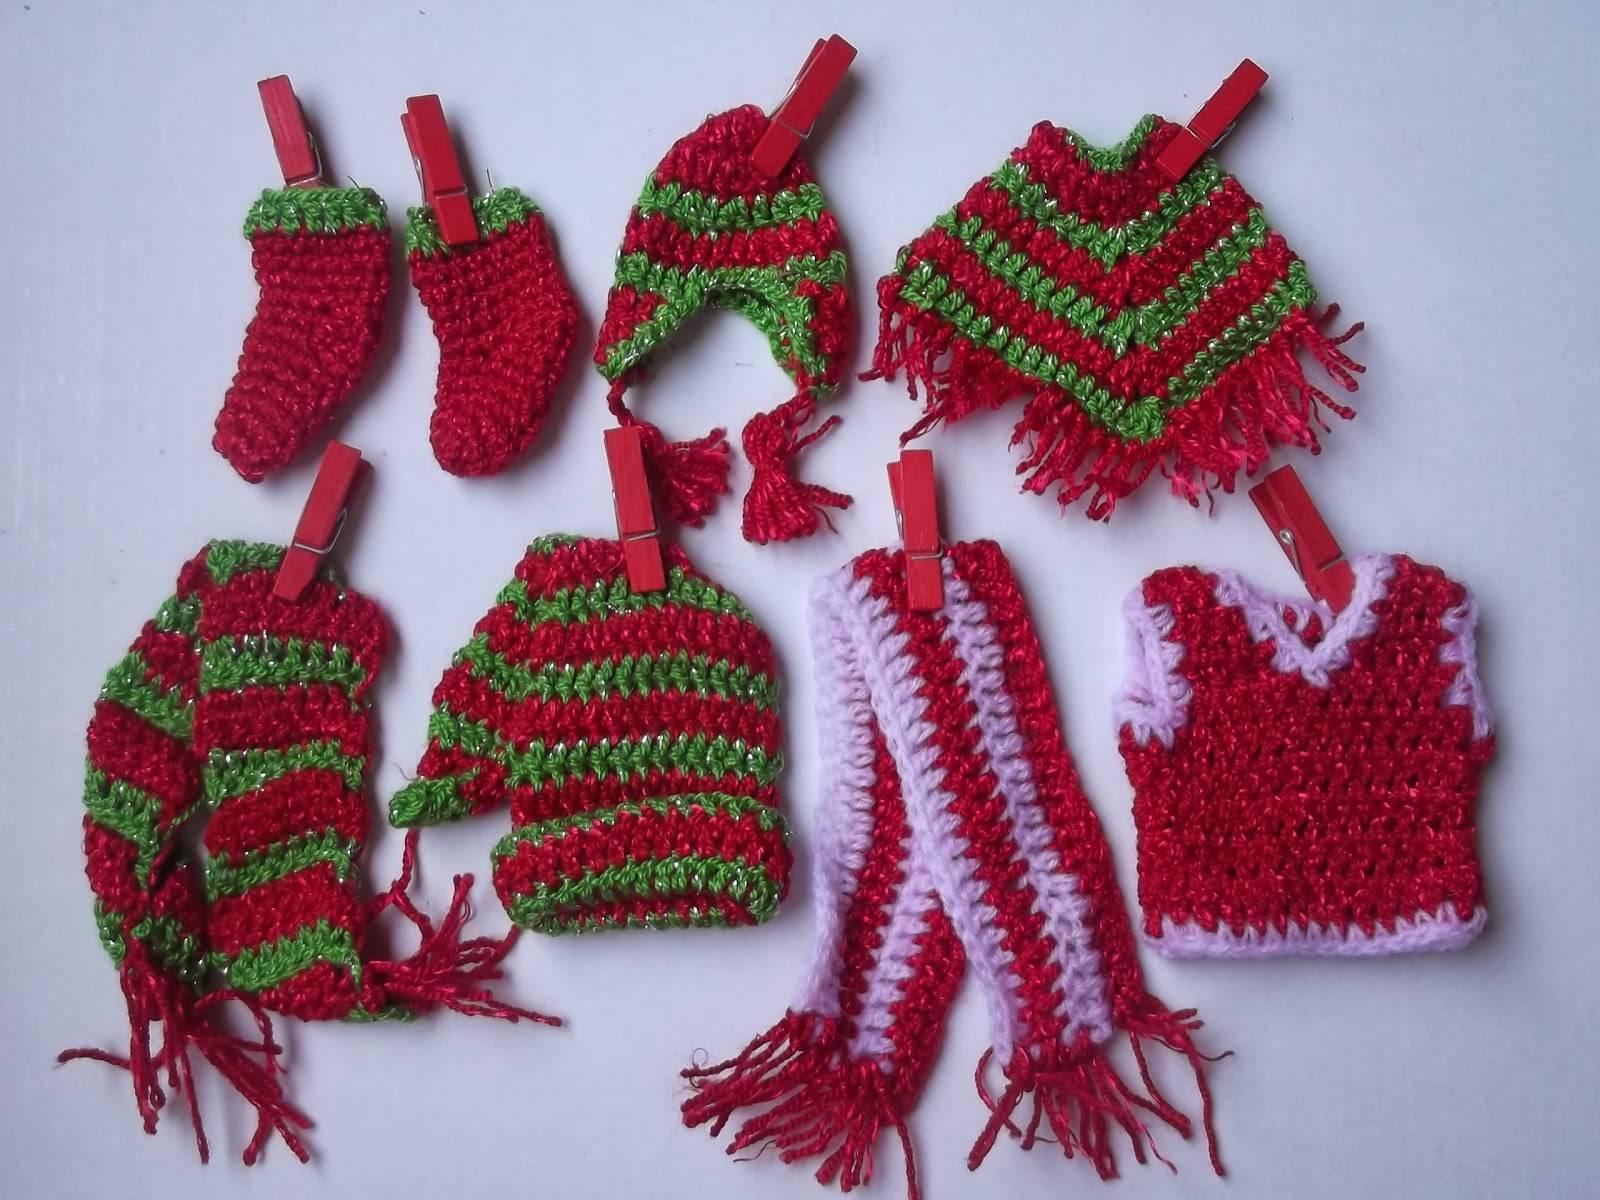 Adornos navide os tejidos a crochet paso a paso for Adornos navidenos origami paso a paso